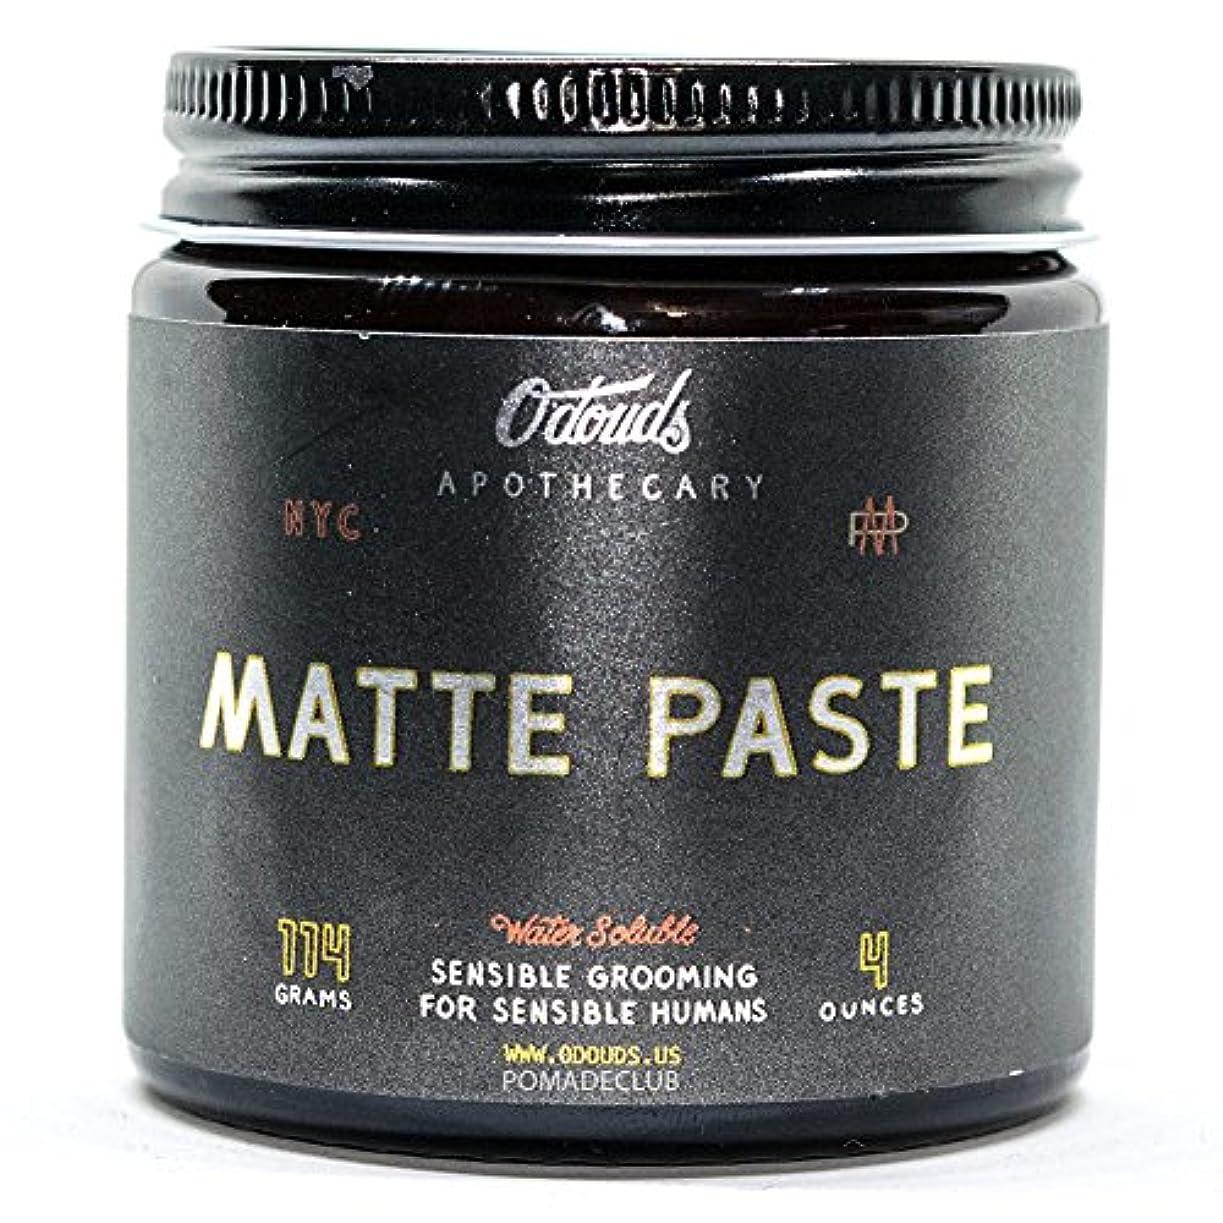 葉っぱ拮抗する深くO'Douds (オダウズ) マットペースト MATTE PASTE メンズ 整髪料 水性 ポマード ヘアグリース ヘアワックス クリームタイプ ツヤなし ストロングホールド ヴィーガン